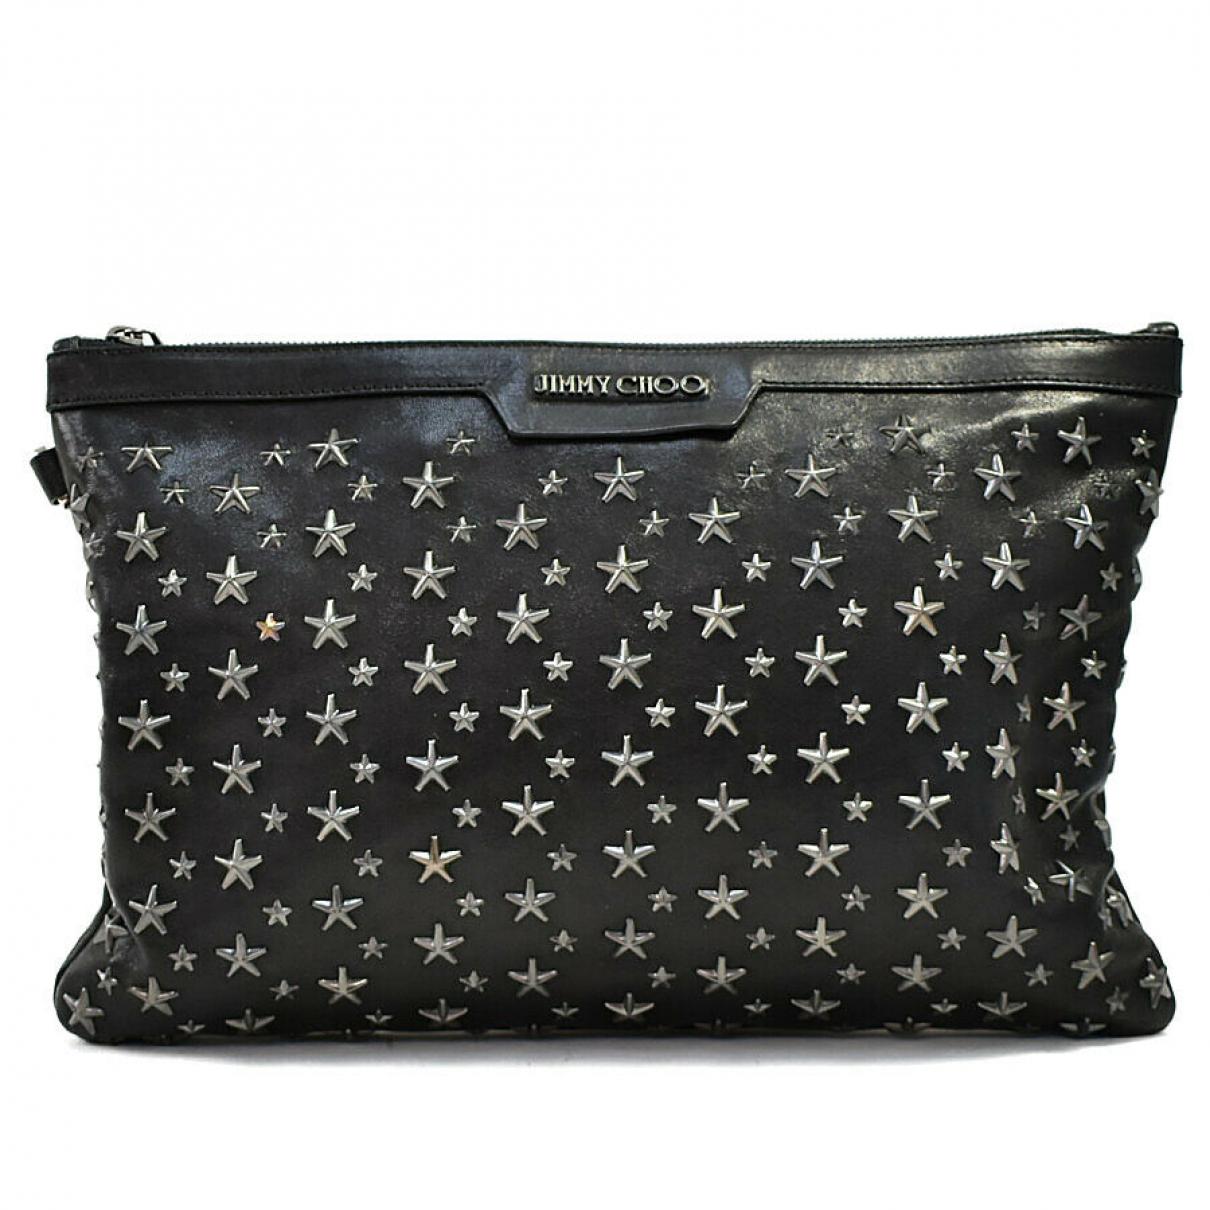 Jimmy Choo N Leather Clutch bag for Women N